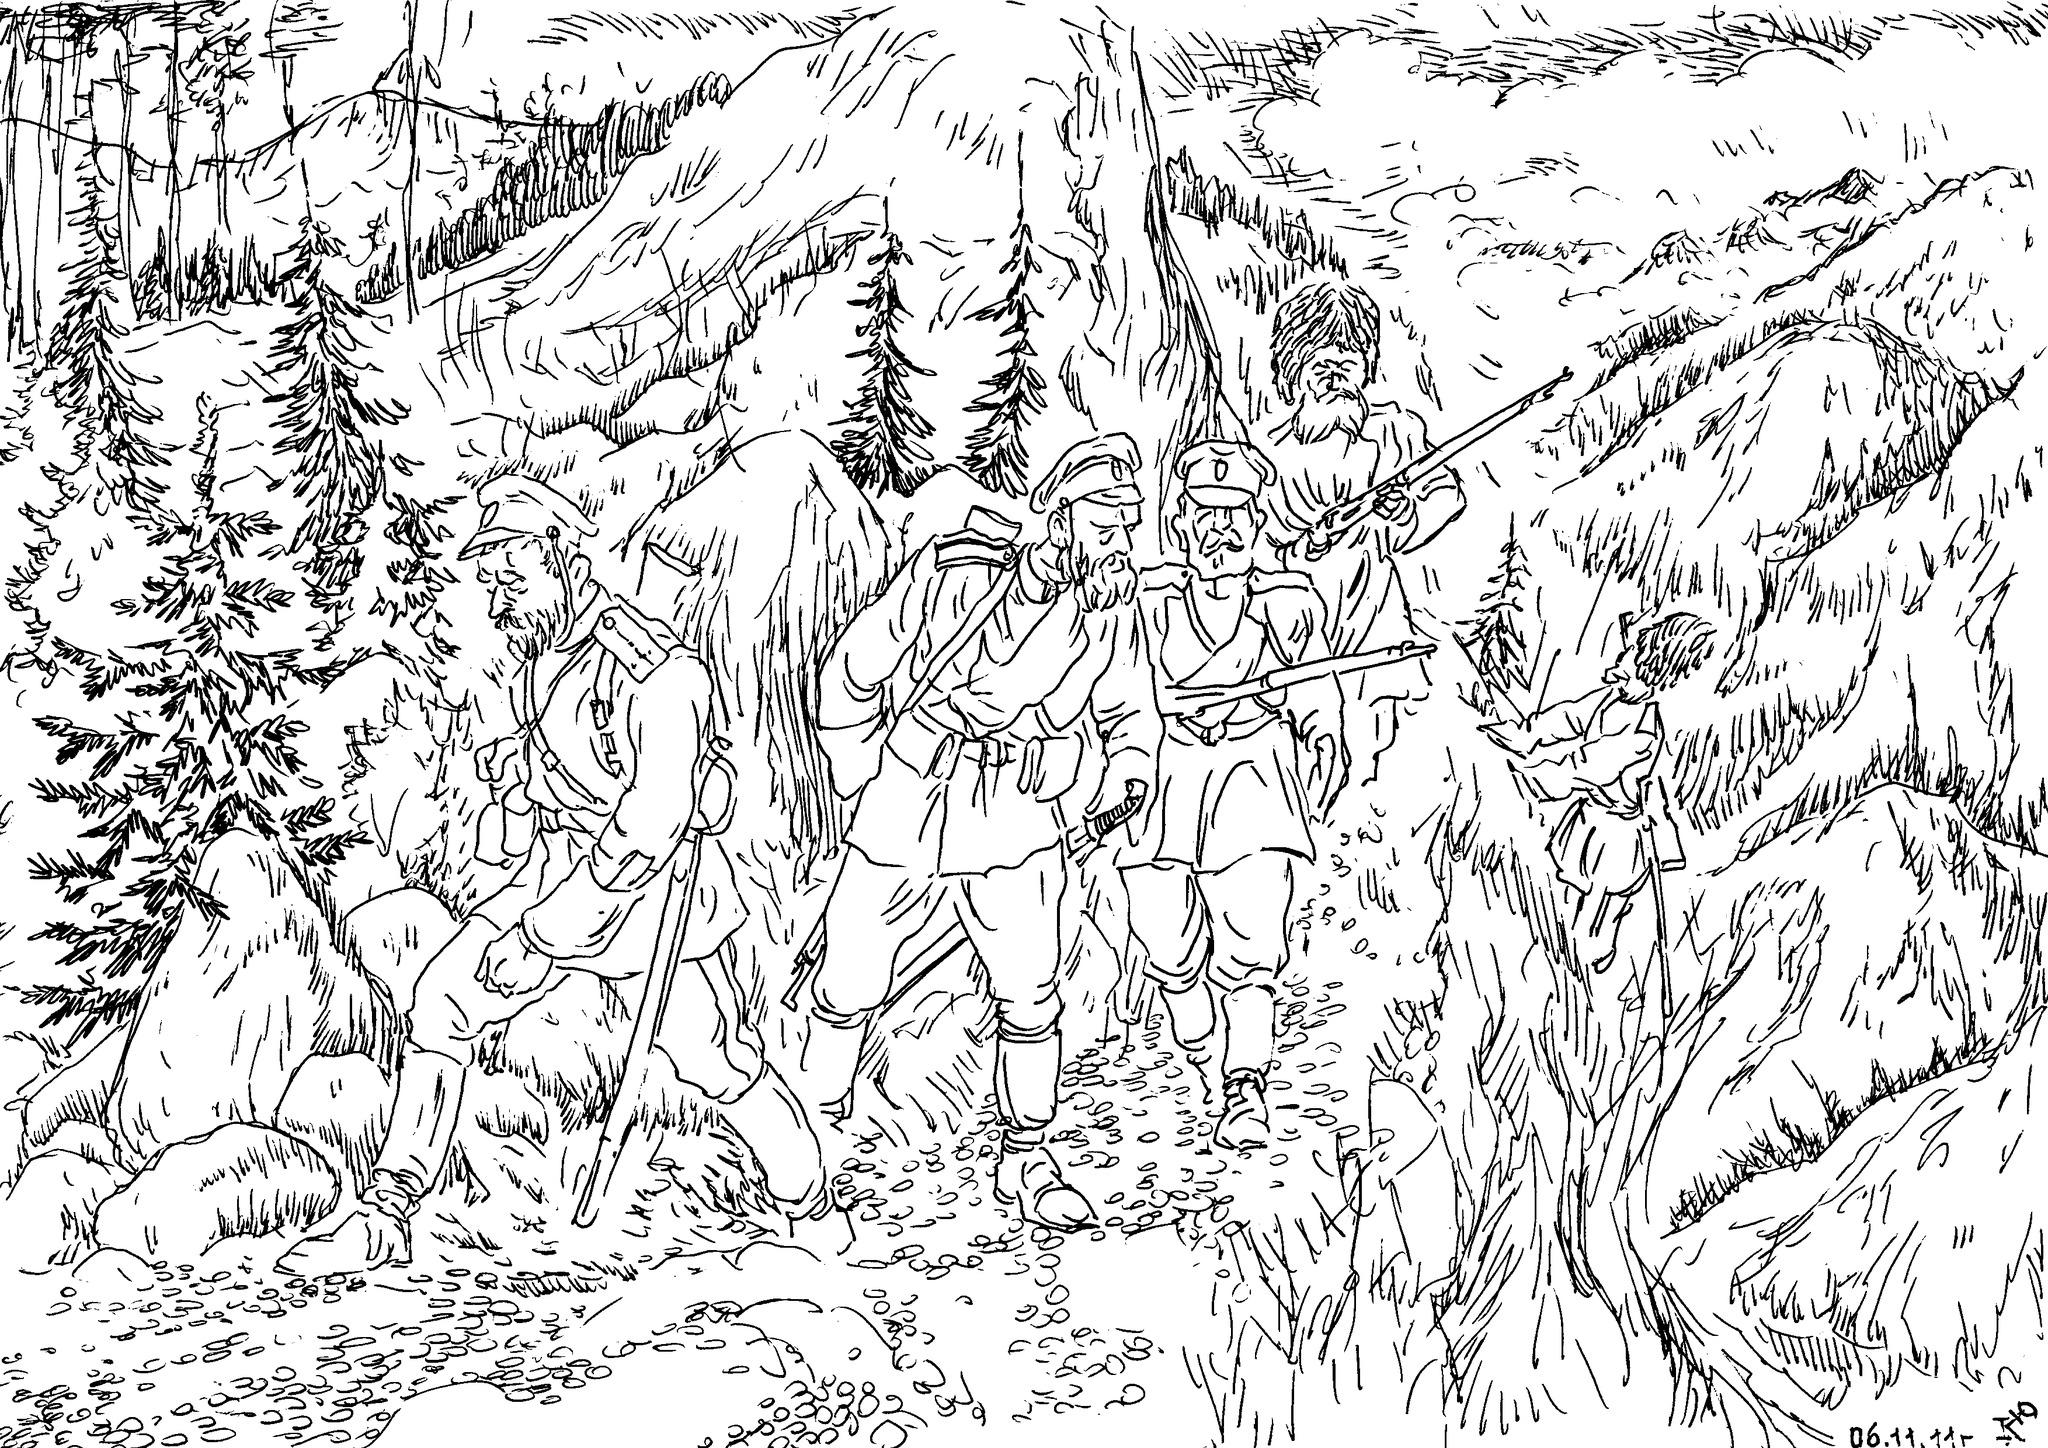 Русско-японская война 1905 года. Команда пеших охотников (разведчиков) в рейде